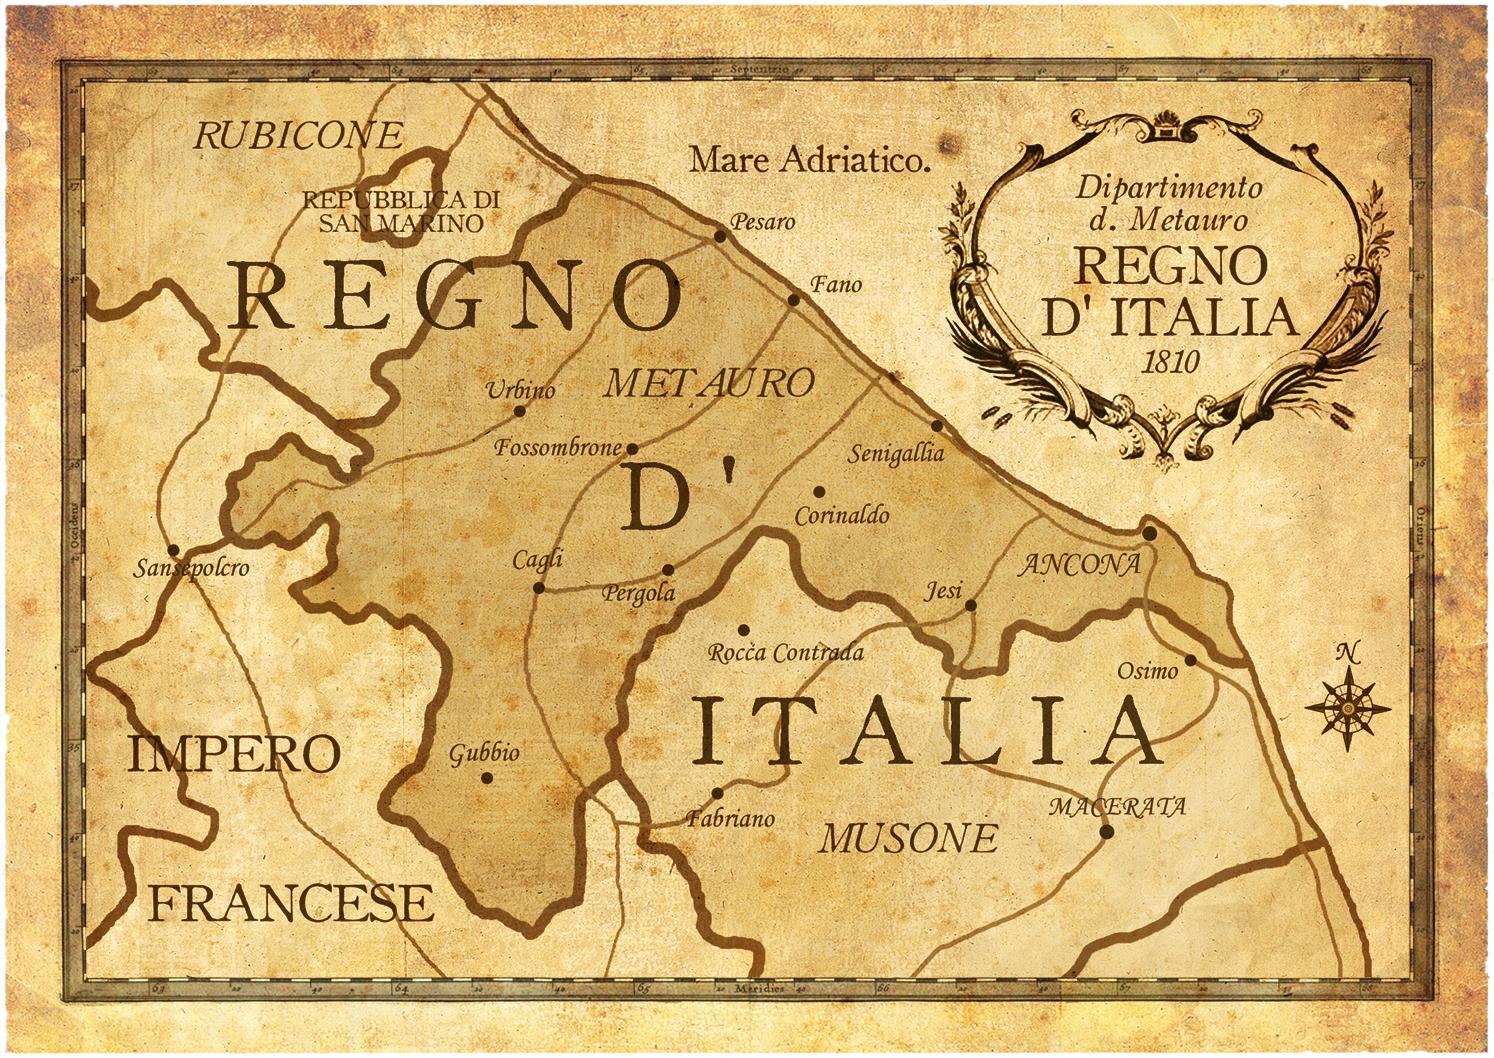 Cartina Italia 1810.Pergolando Pergola Nel Regno Italico Napoleonico